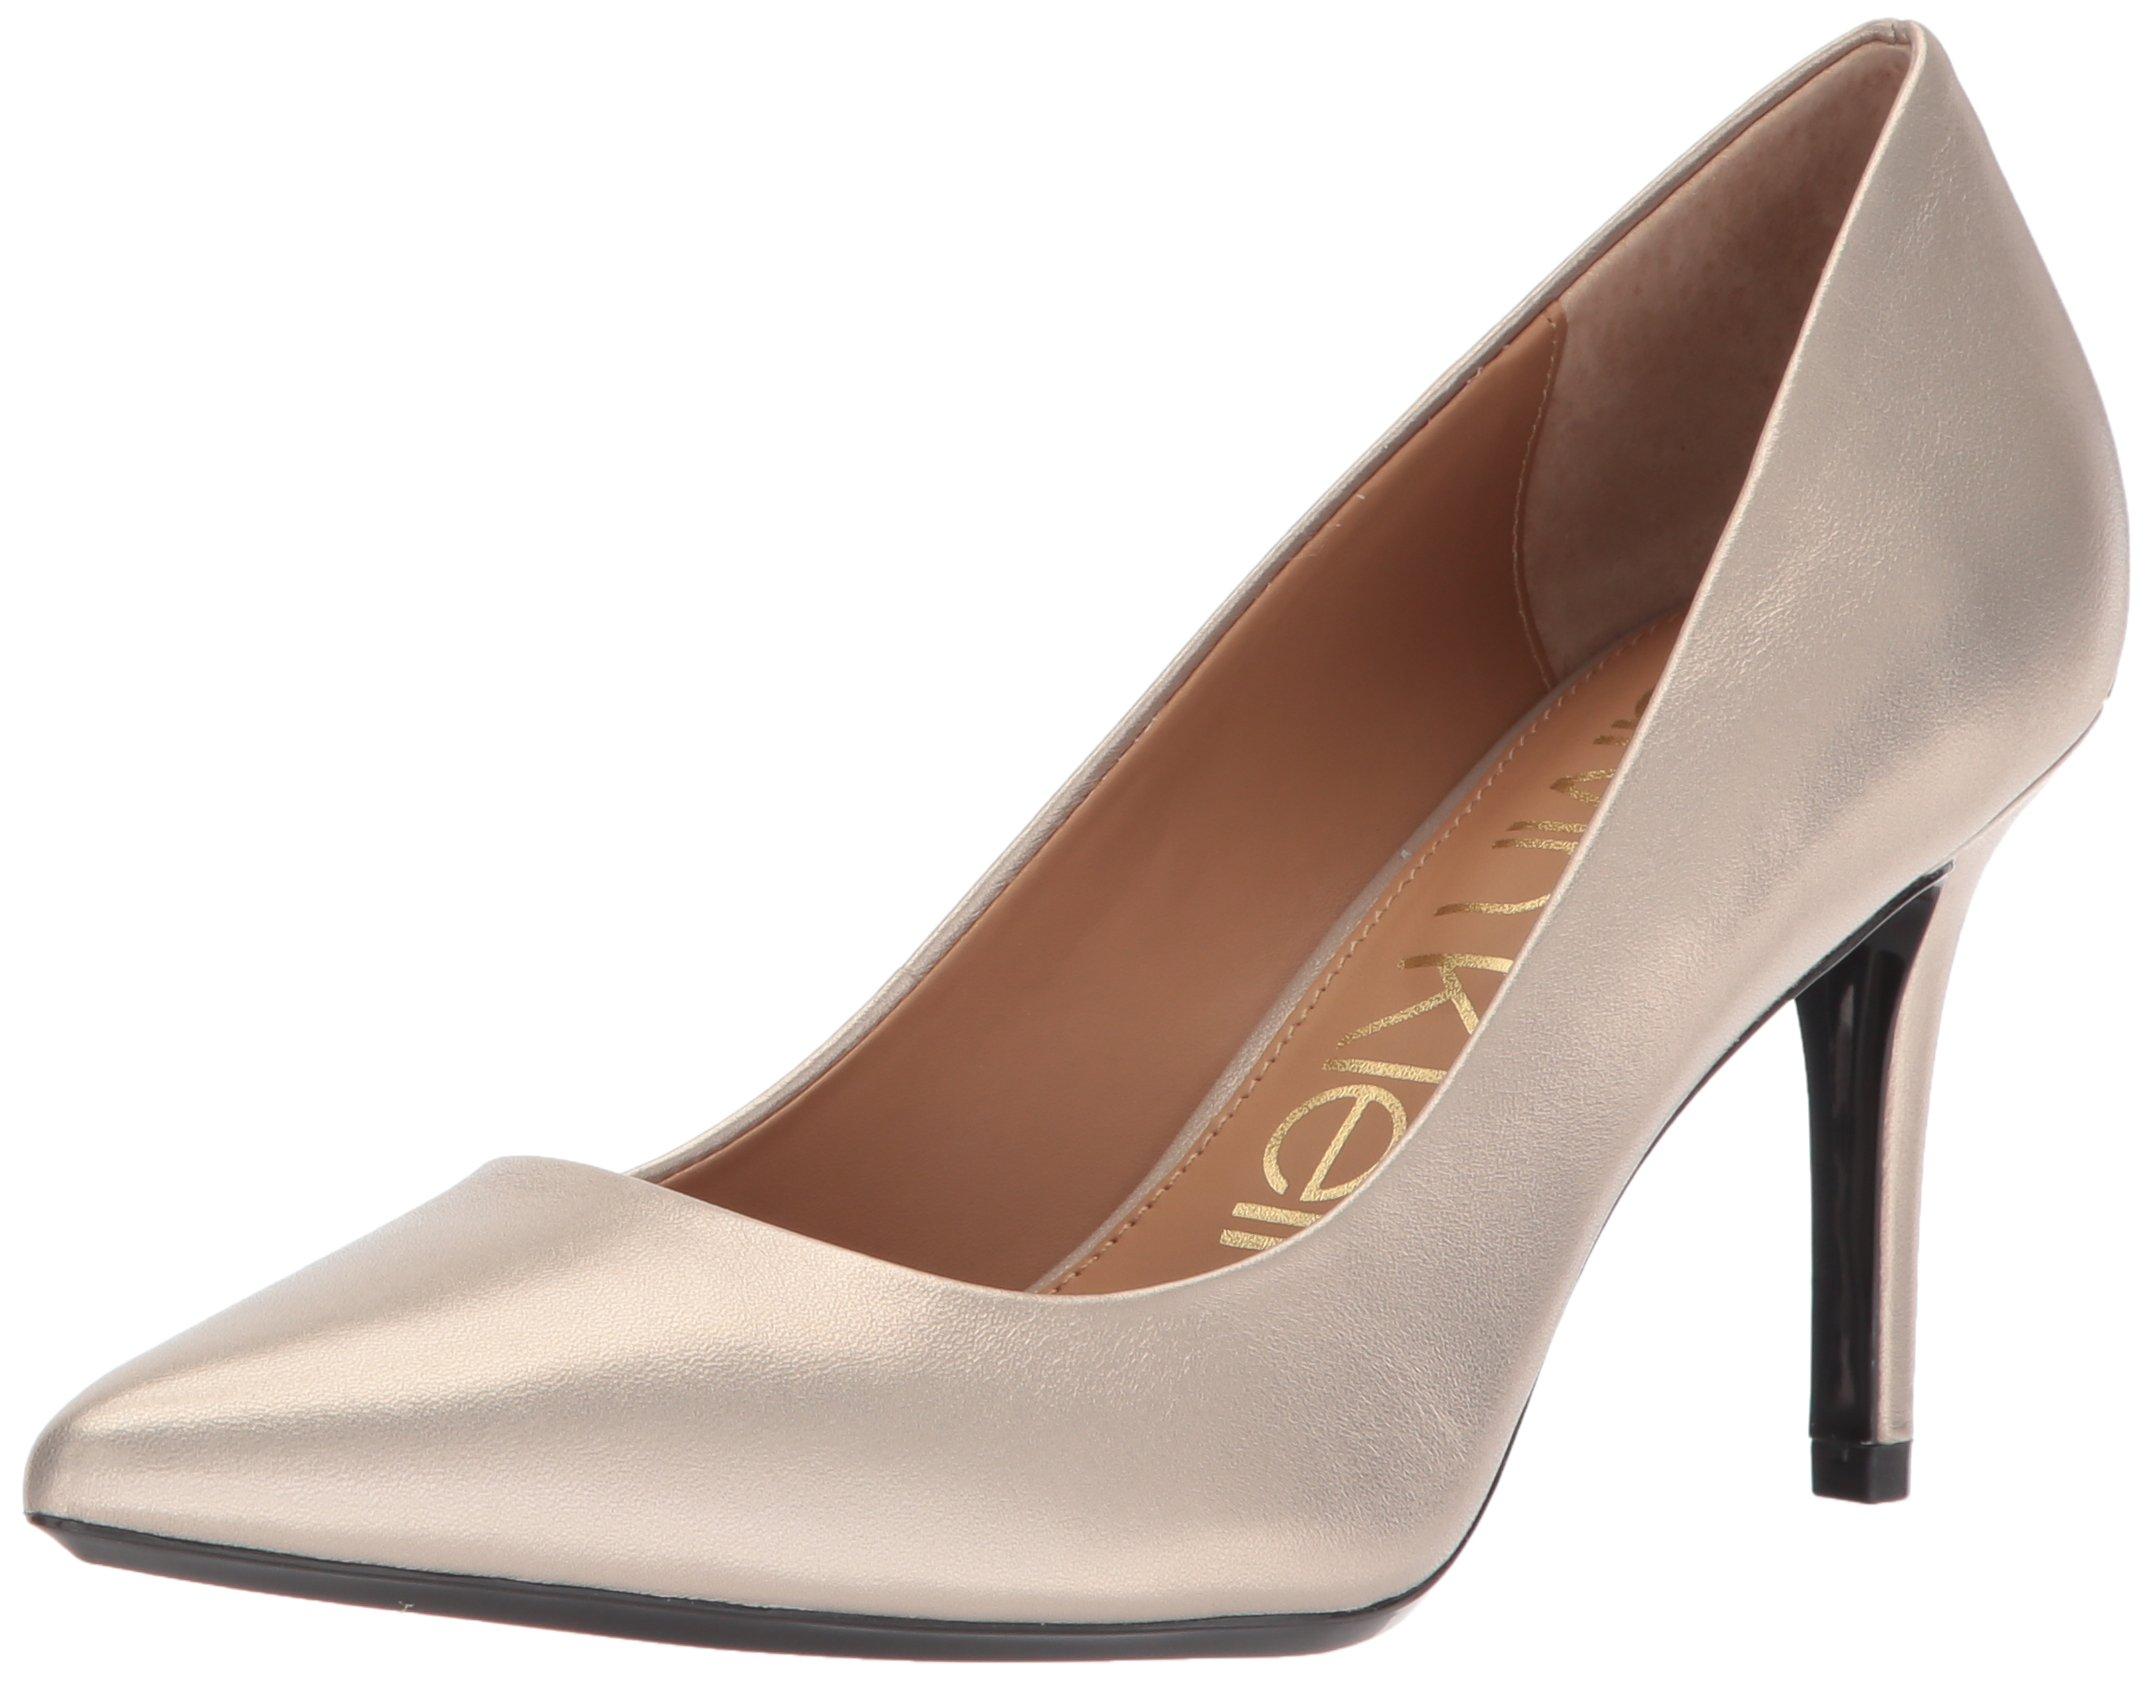 Calvin Klein Women's Gayle Pump, Blush Gold, 9.5 Medium US